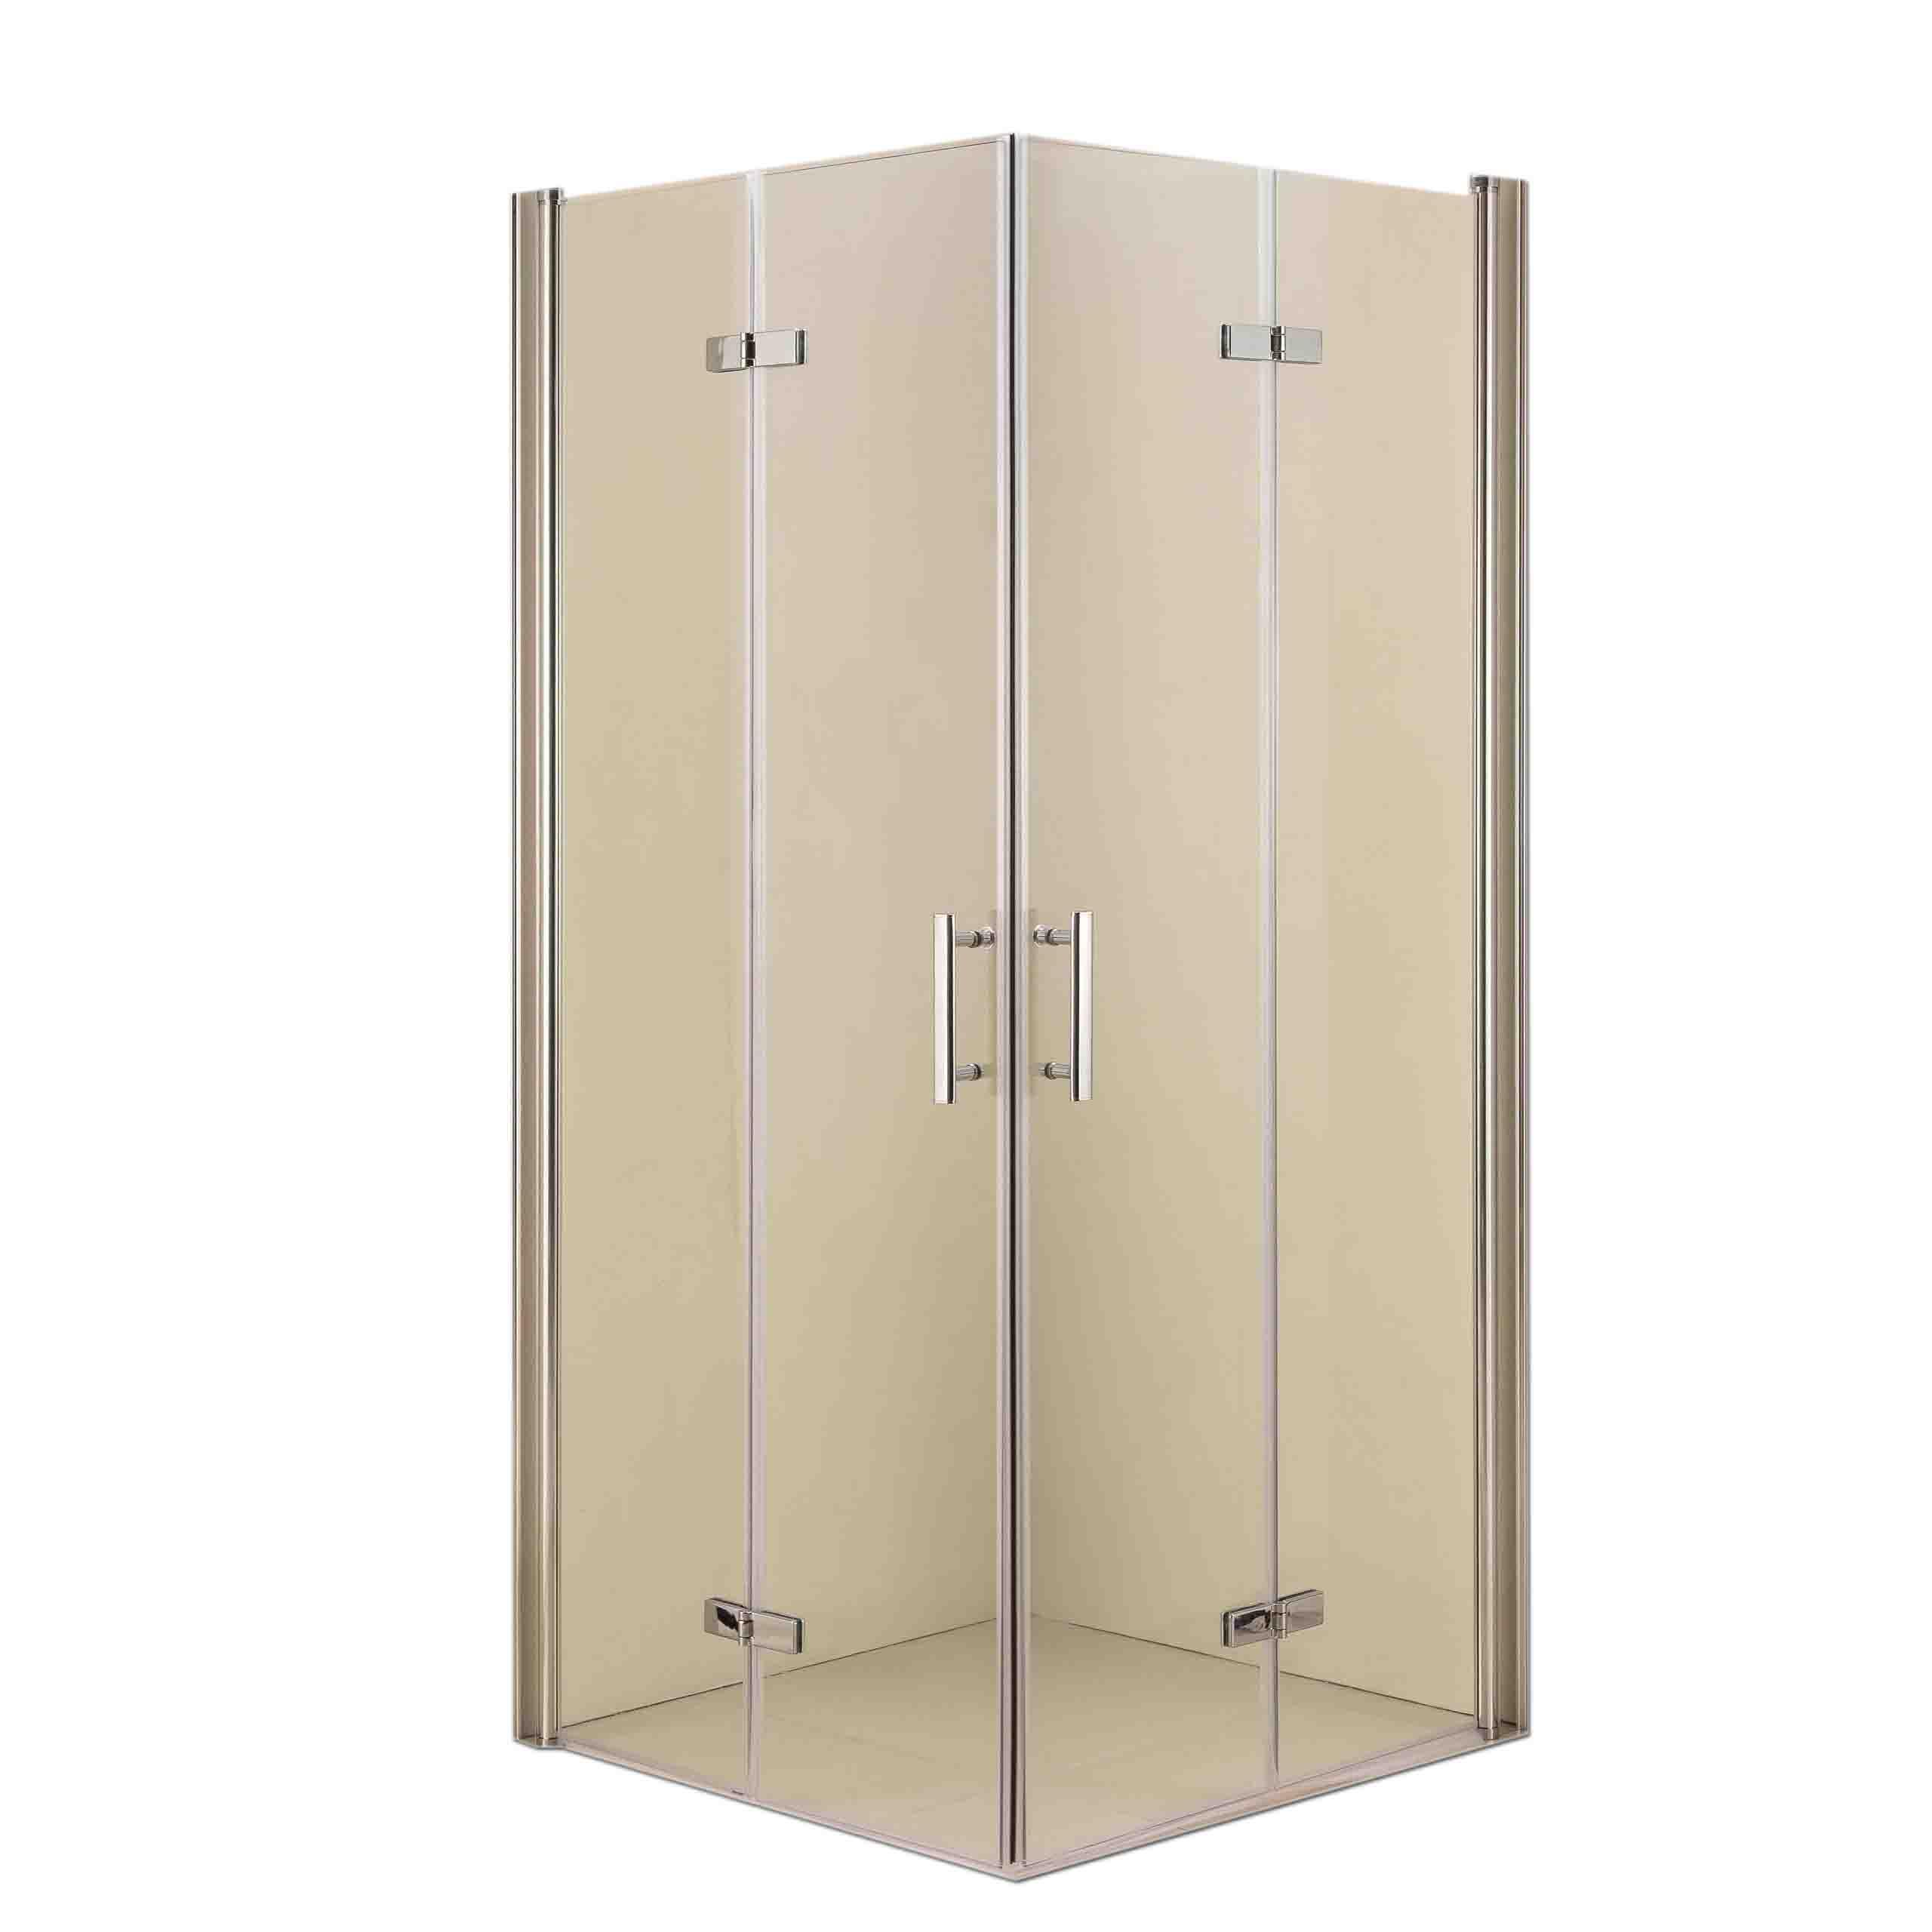 SKLADACIA sprcha 90x70cm, bez palety !!!